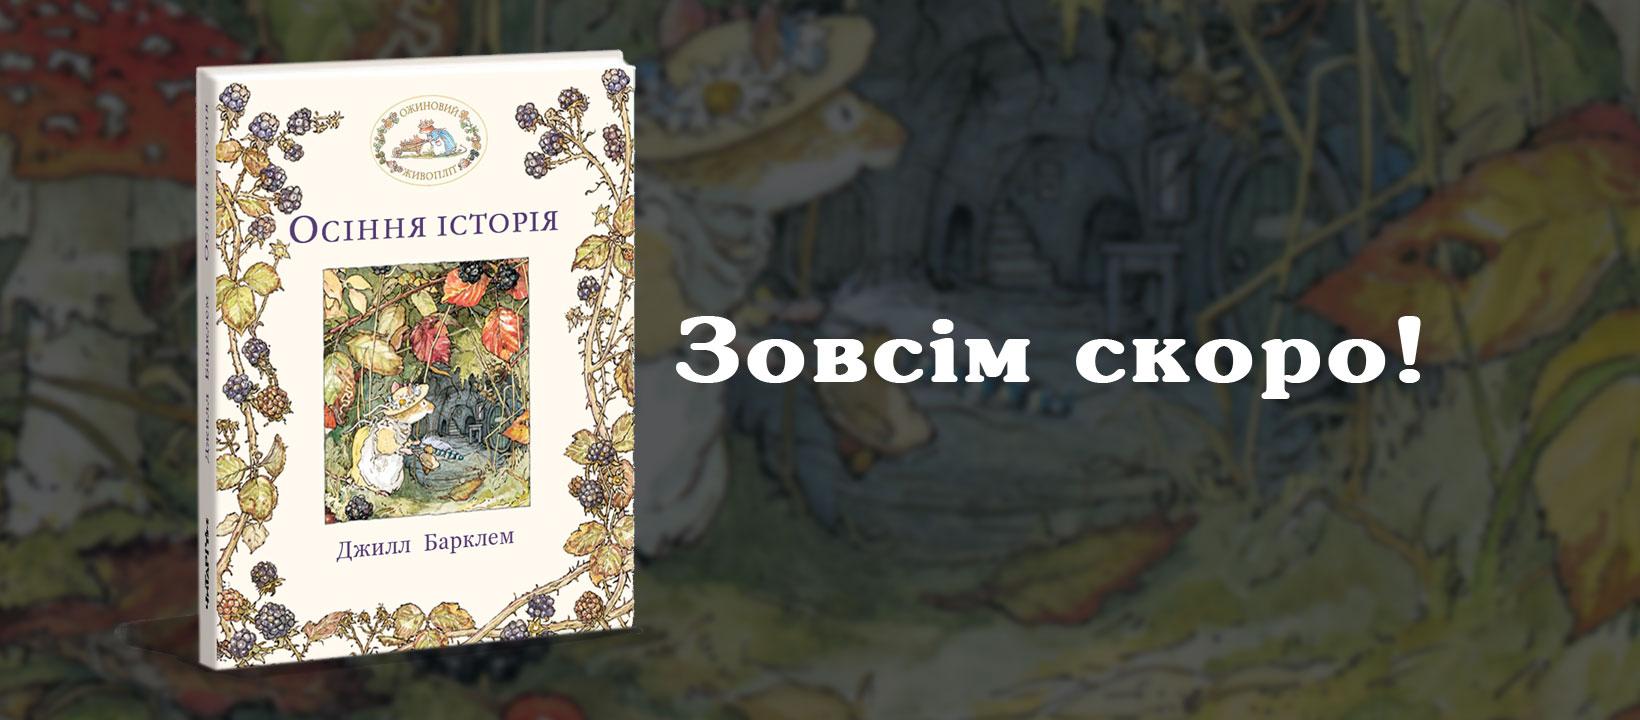 Книга «Осіння історія» виходить уже незабаром